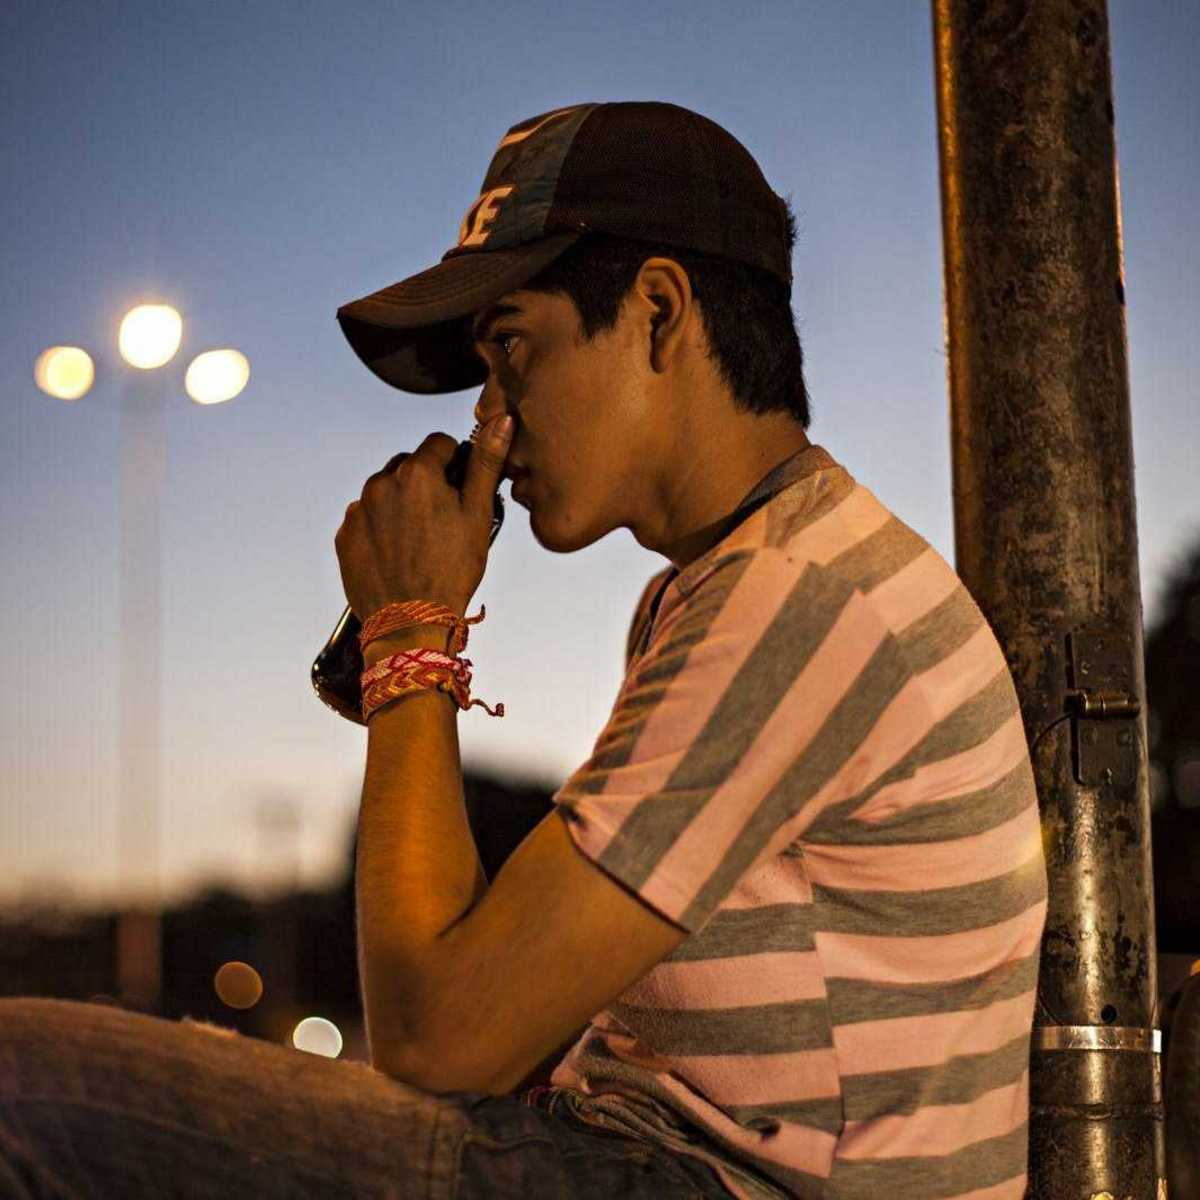 Jugendlicher auf der Straße beim Schnüffeln von Kleber